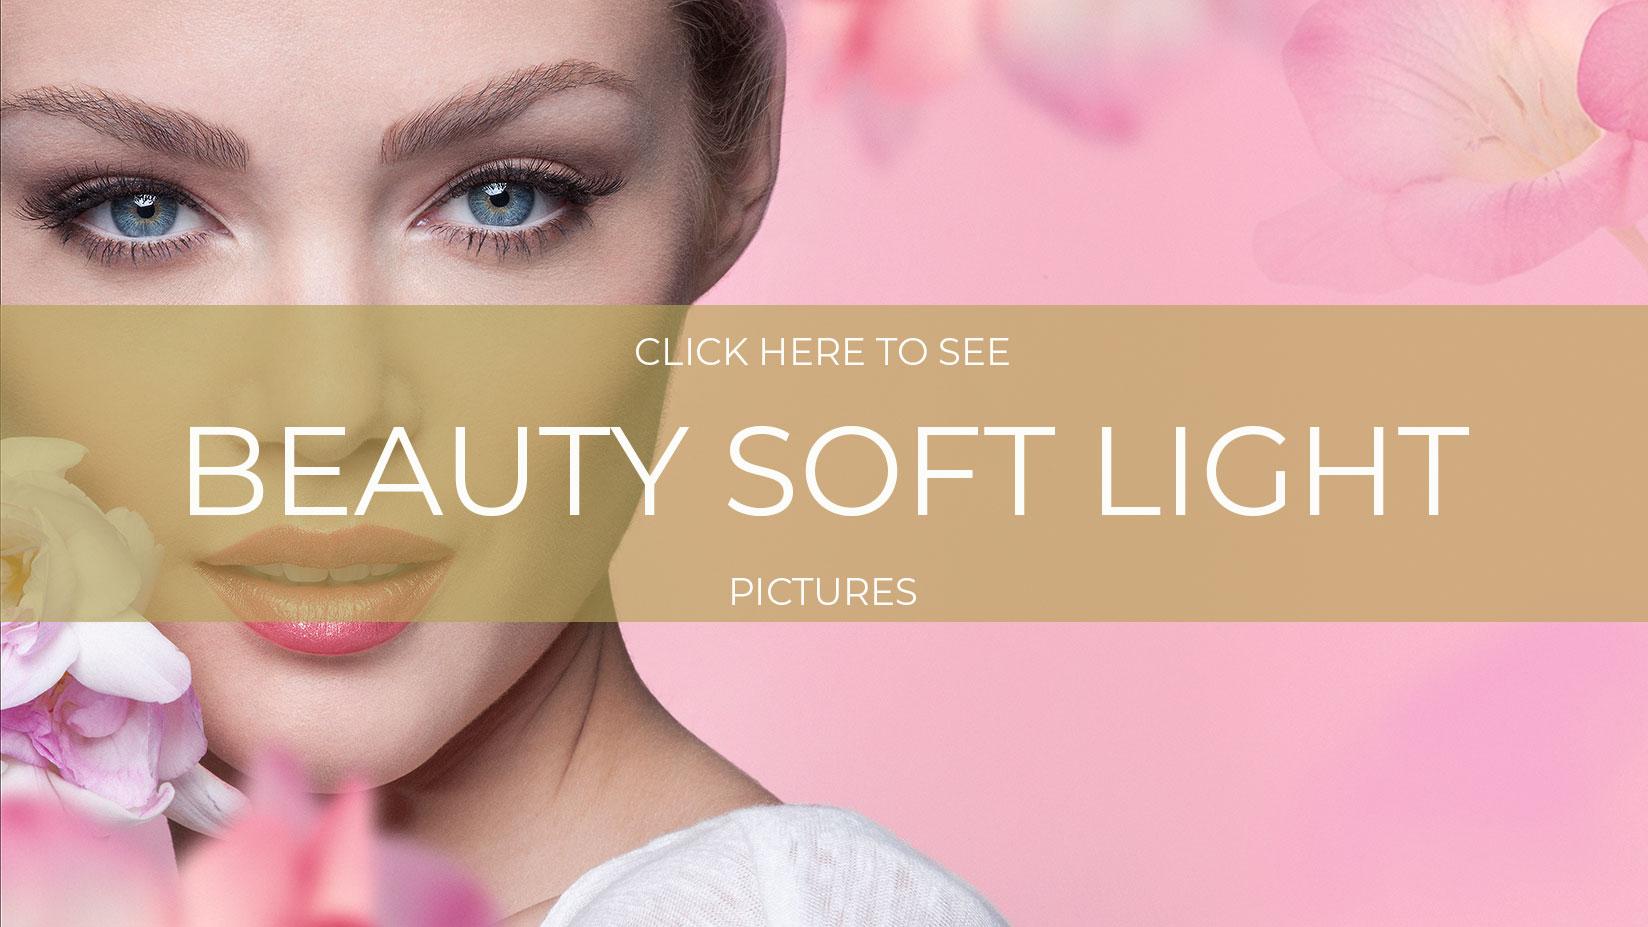 Beauty Soft Light